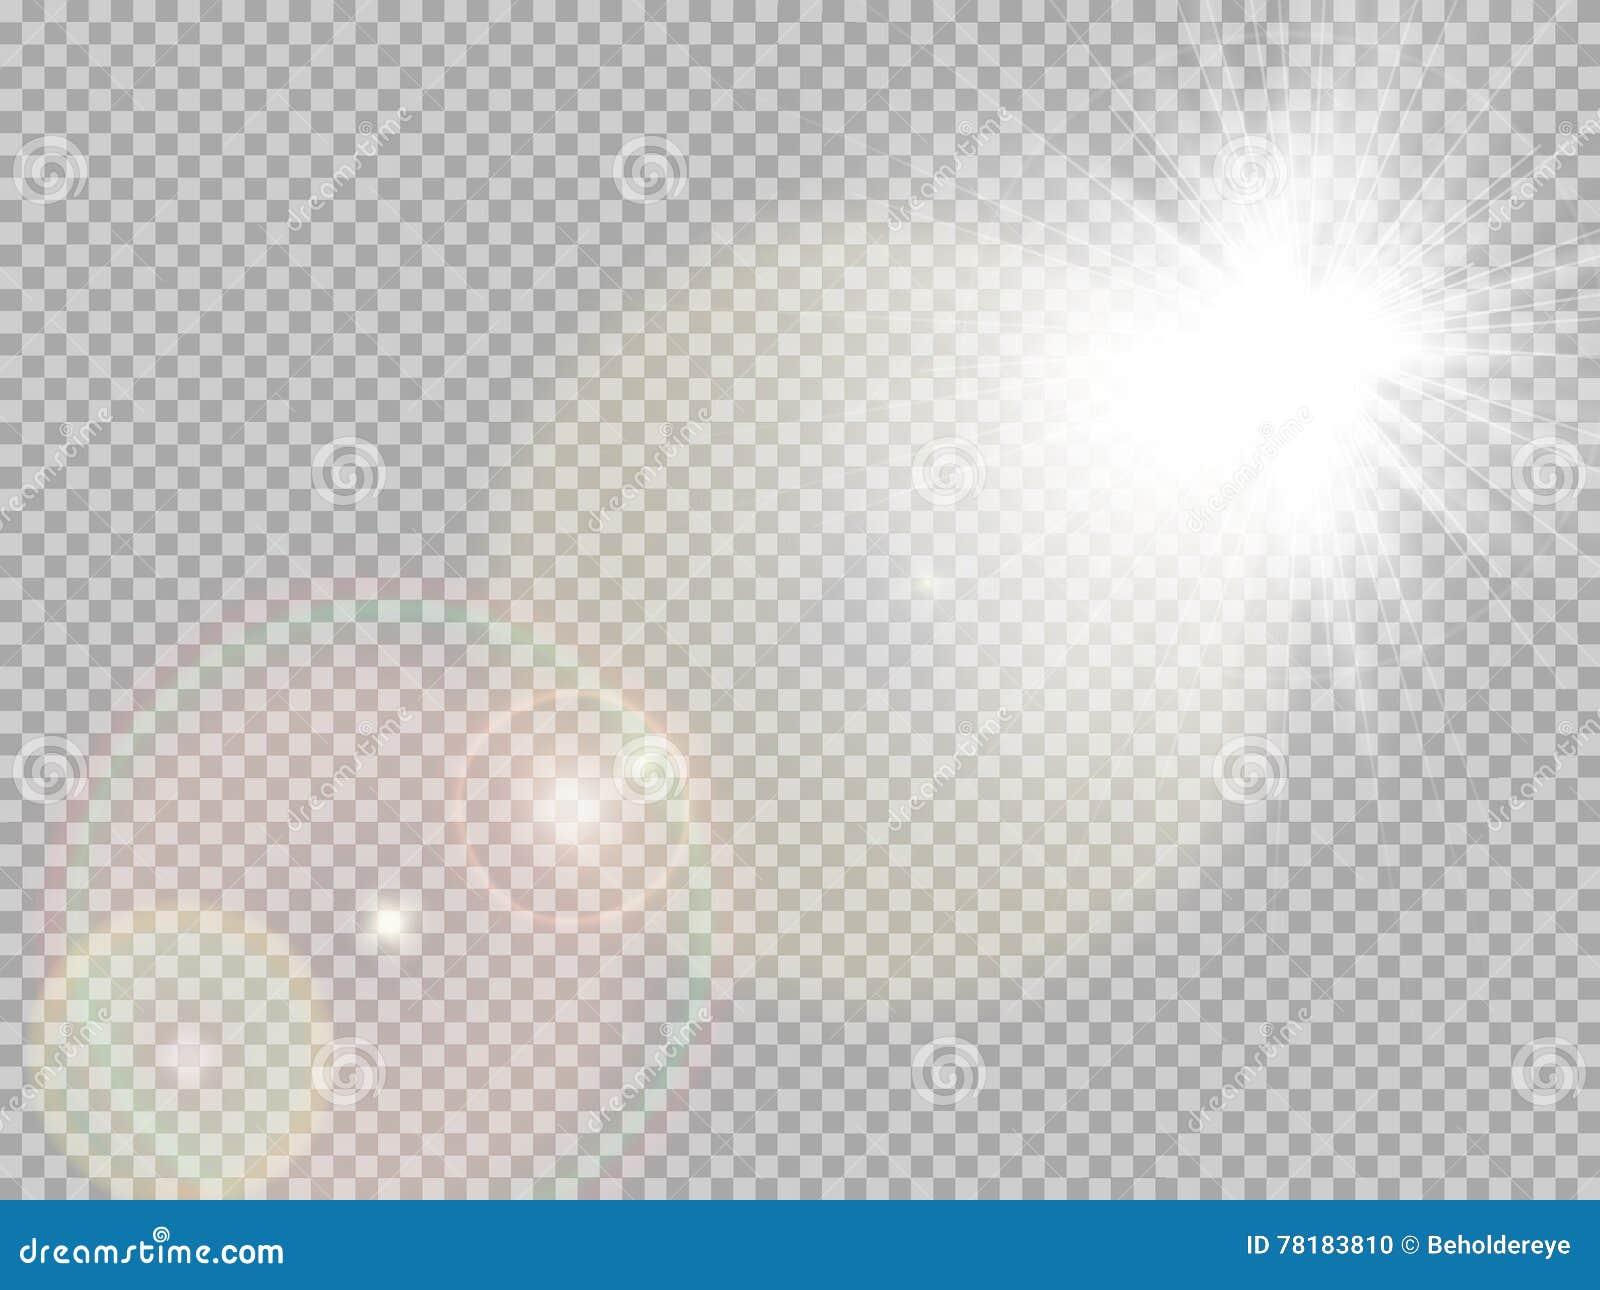 Światło słoneczne obiektywu specjalny raca 10 eps